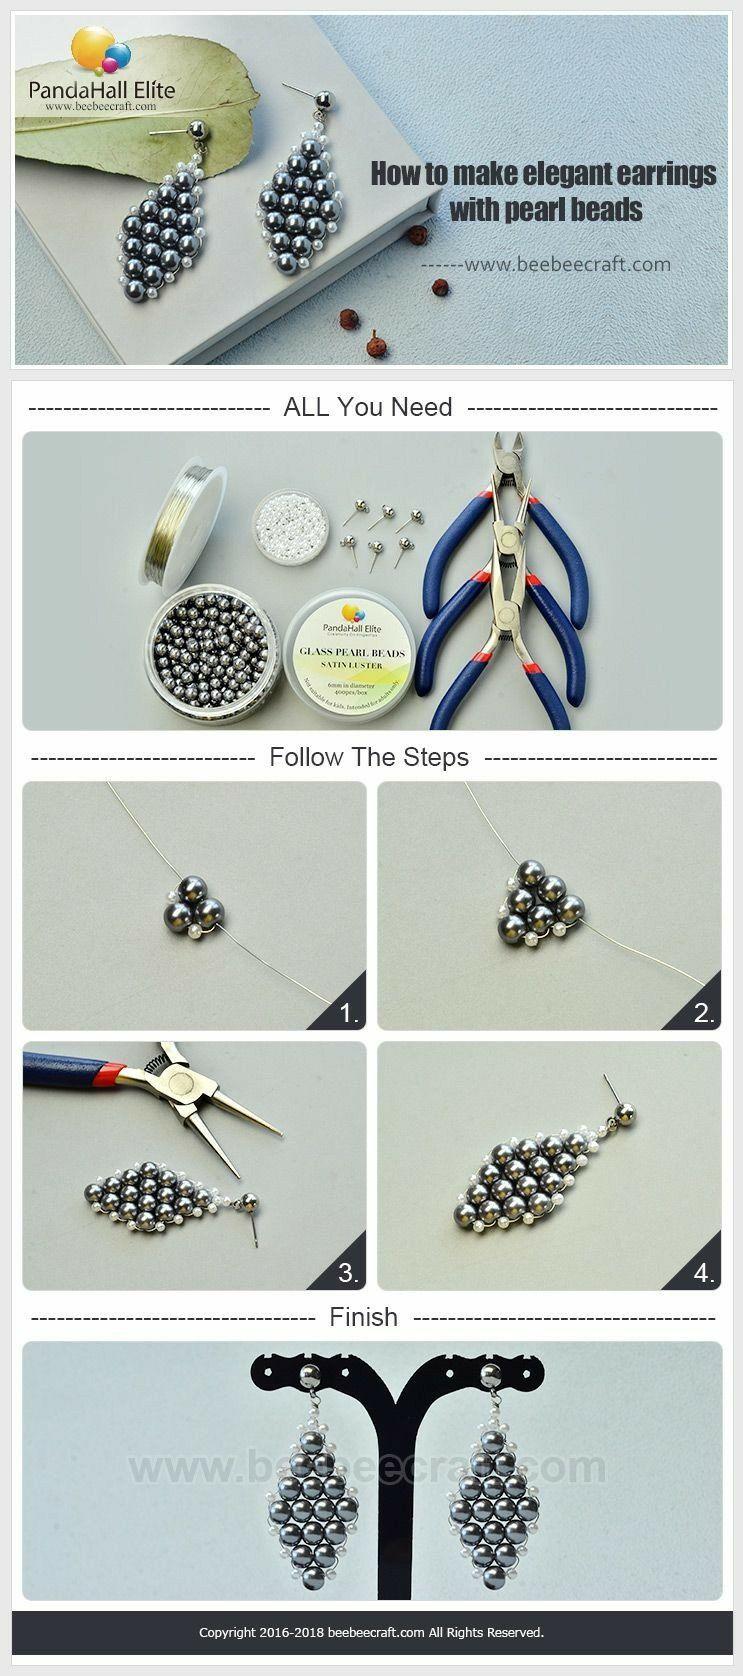 d3c0ecd66 Bisutería PASO A PASO para hacer estos elegantes aretes con perlas ...